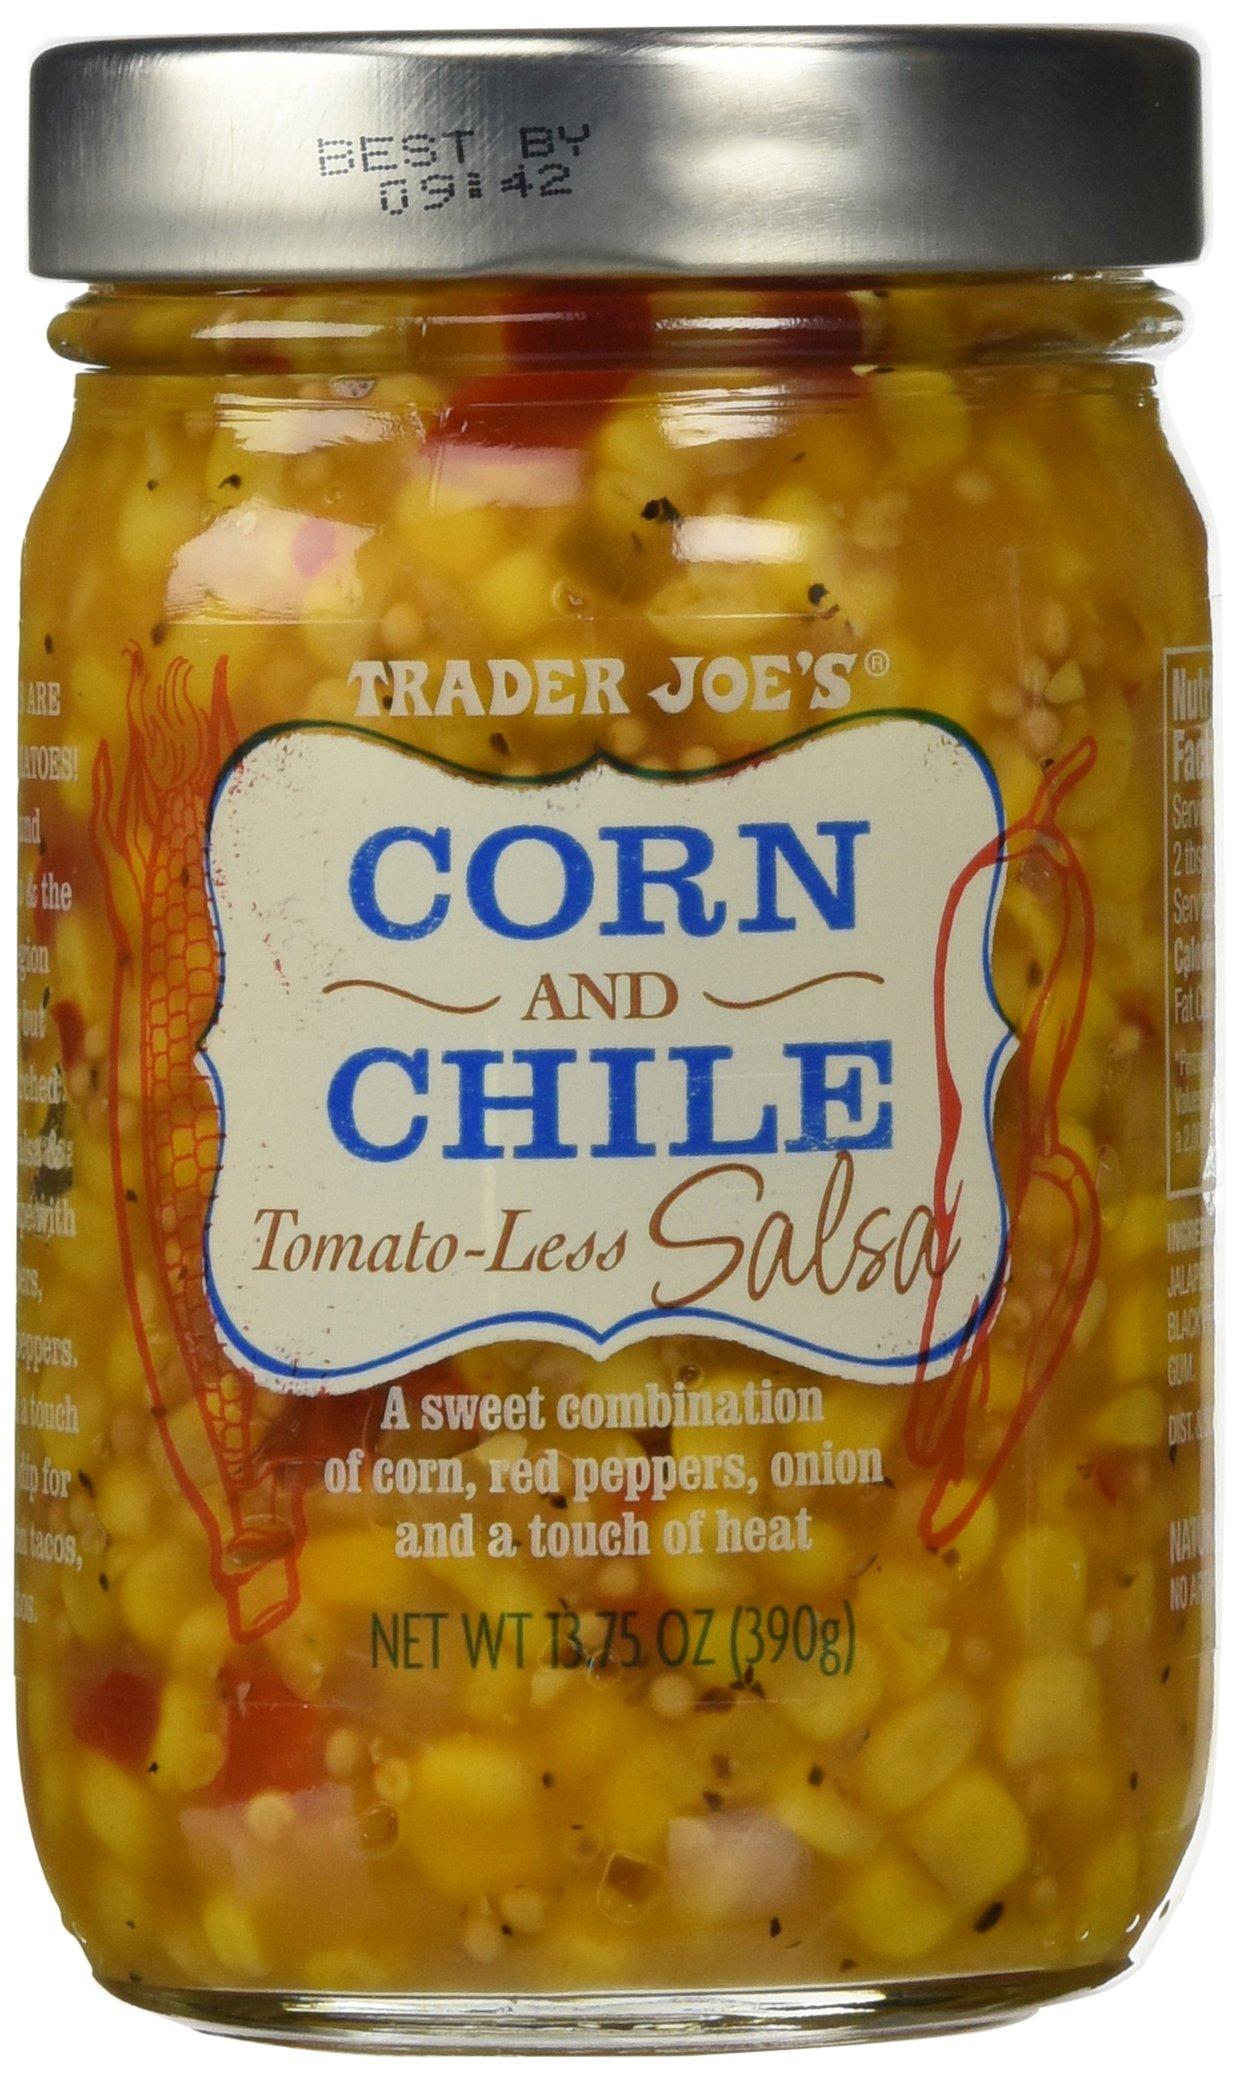 Trader Joe's Corn and Chile Tomato-less Salsa 13.75 oz by Trader Joe's